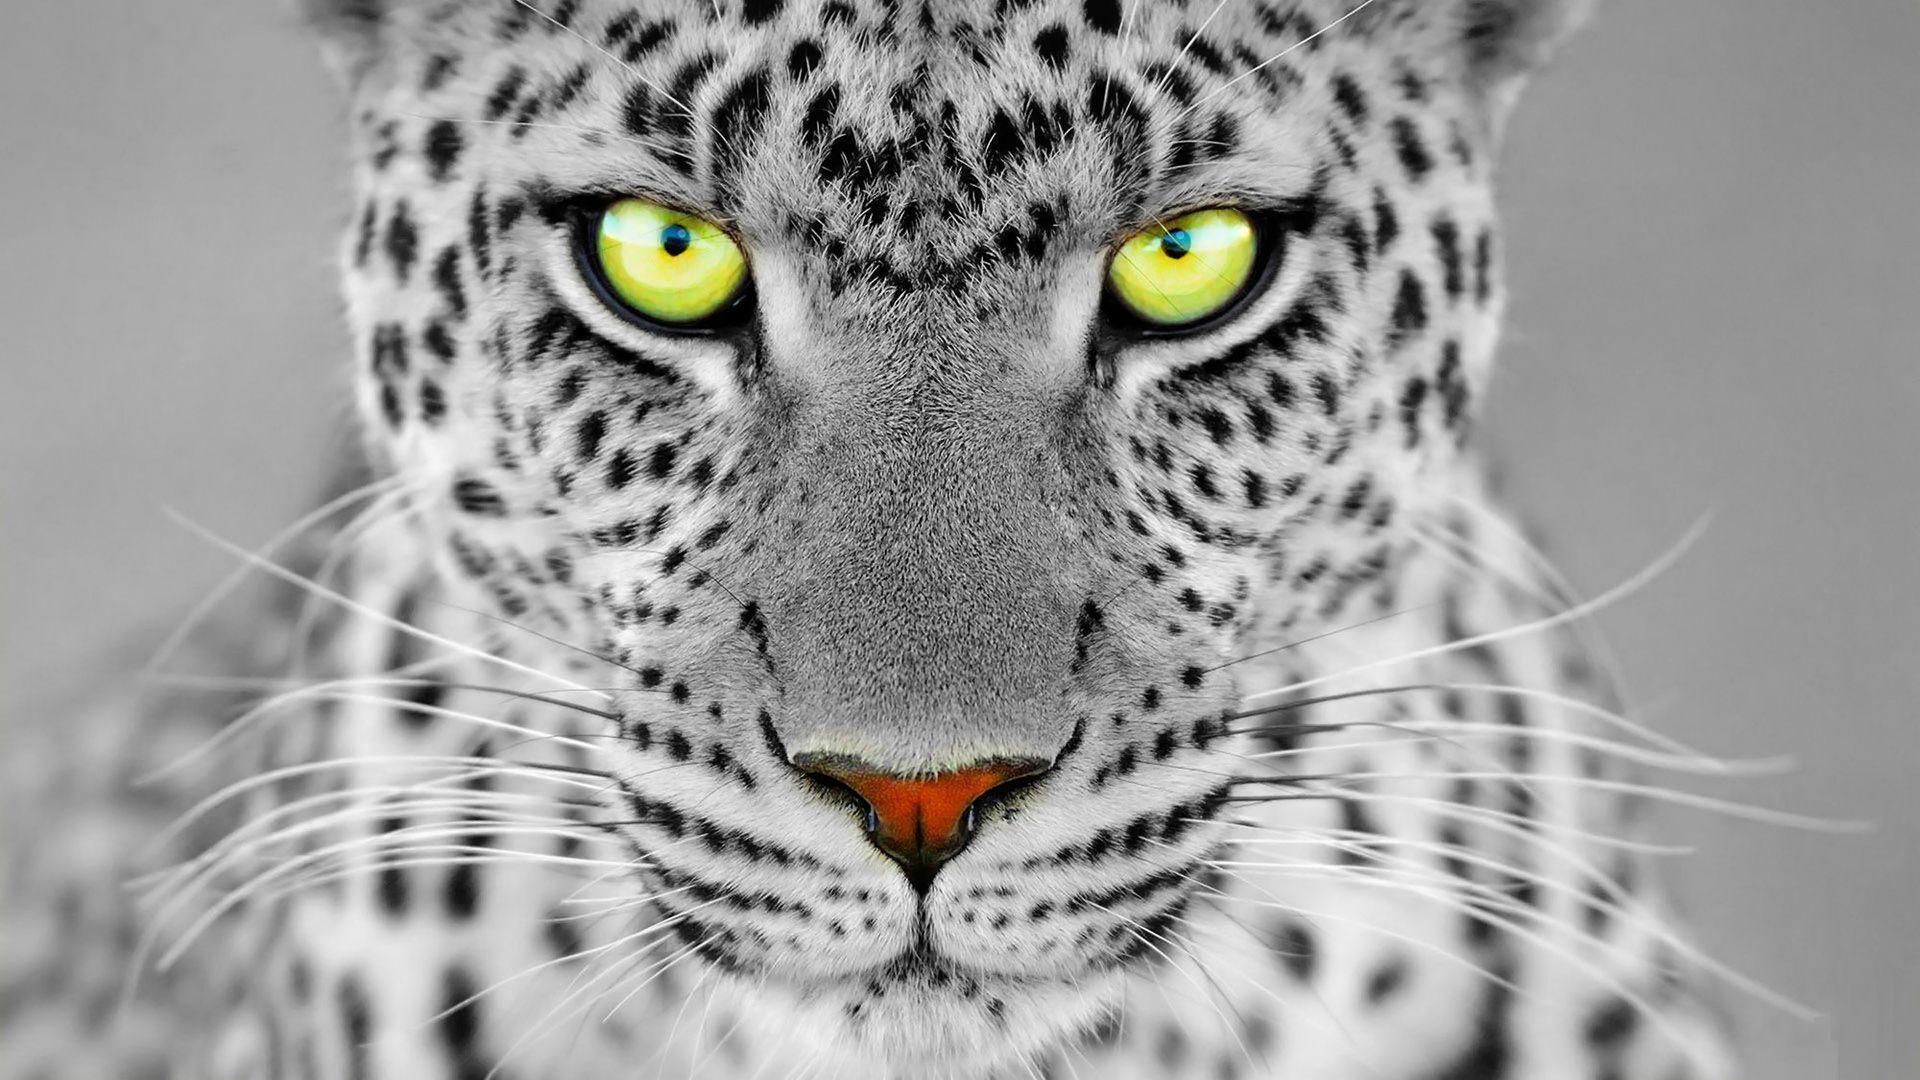 <b>White Panther Wallpaper</b>